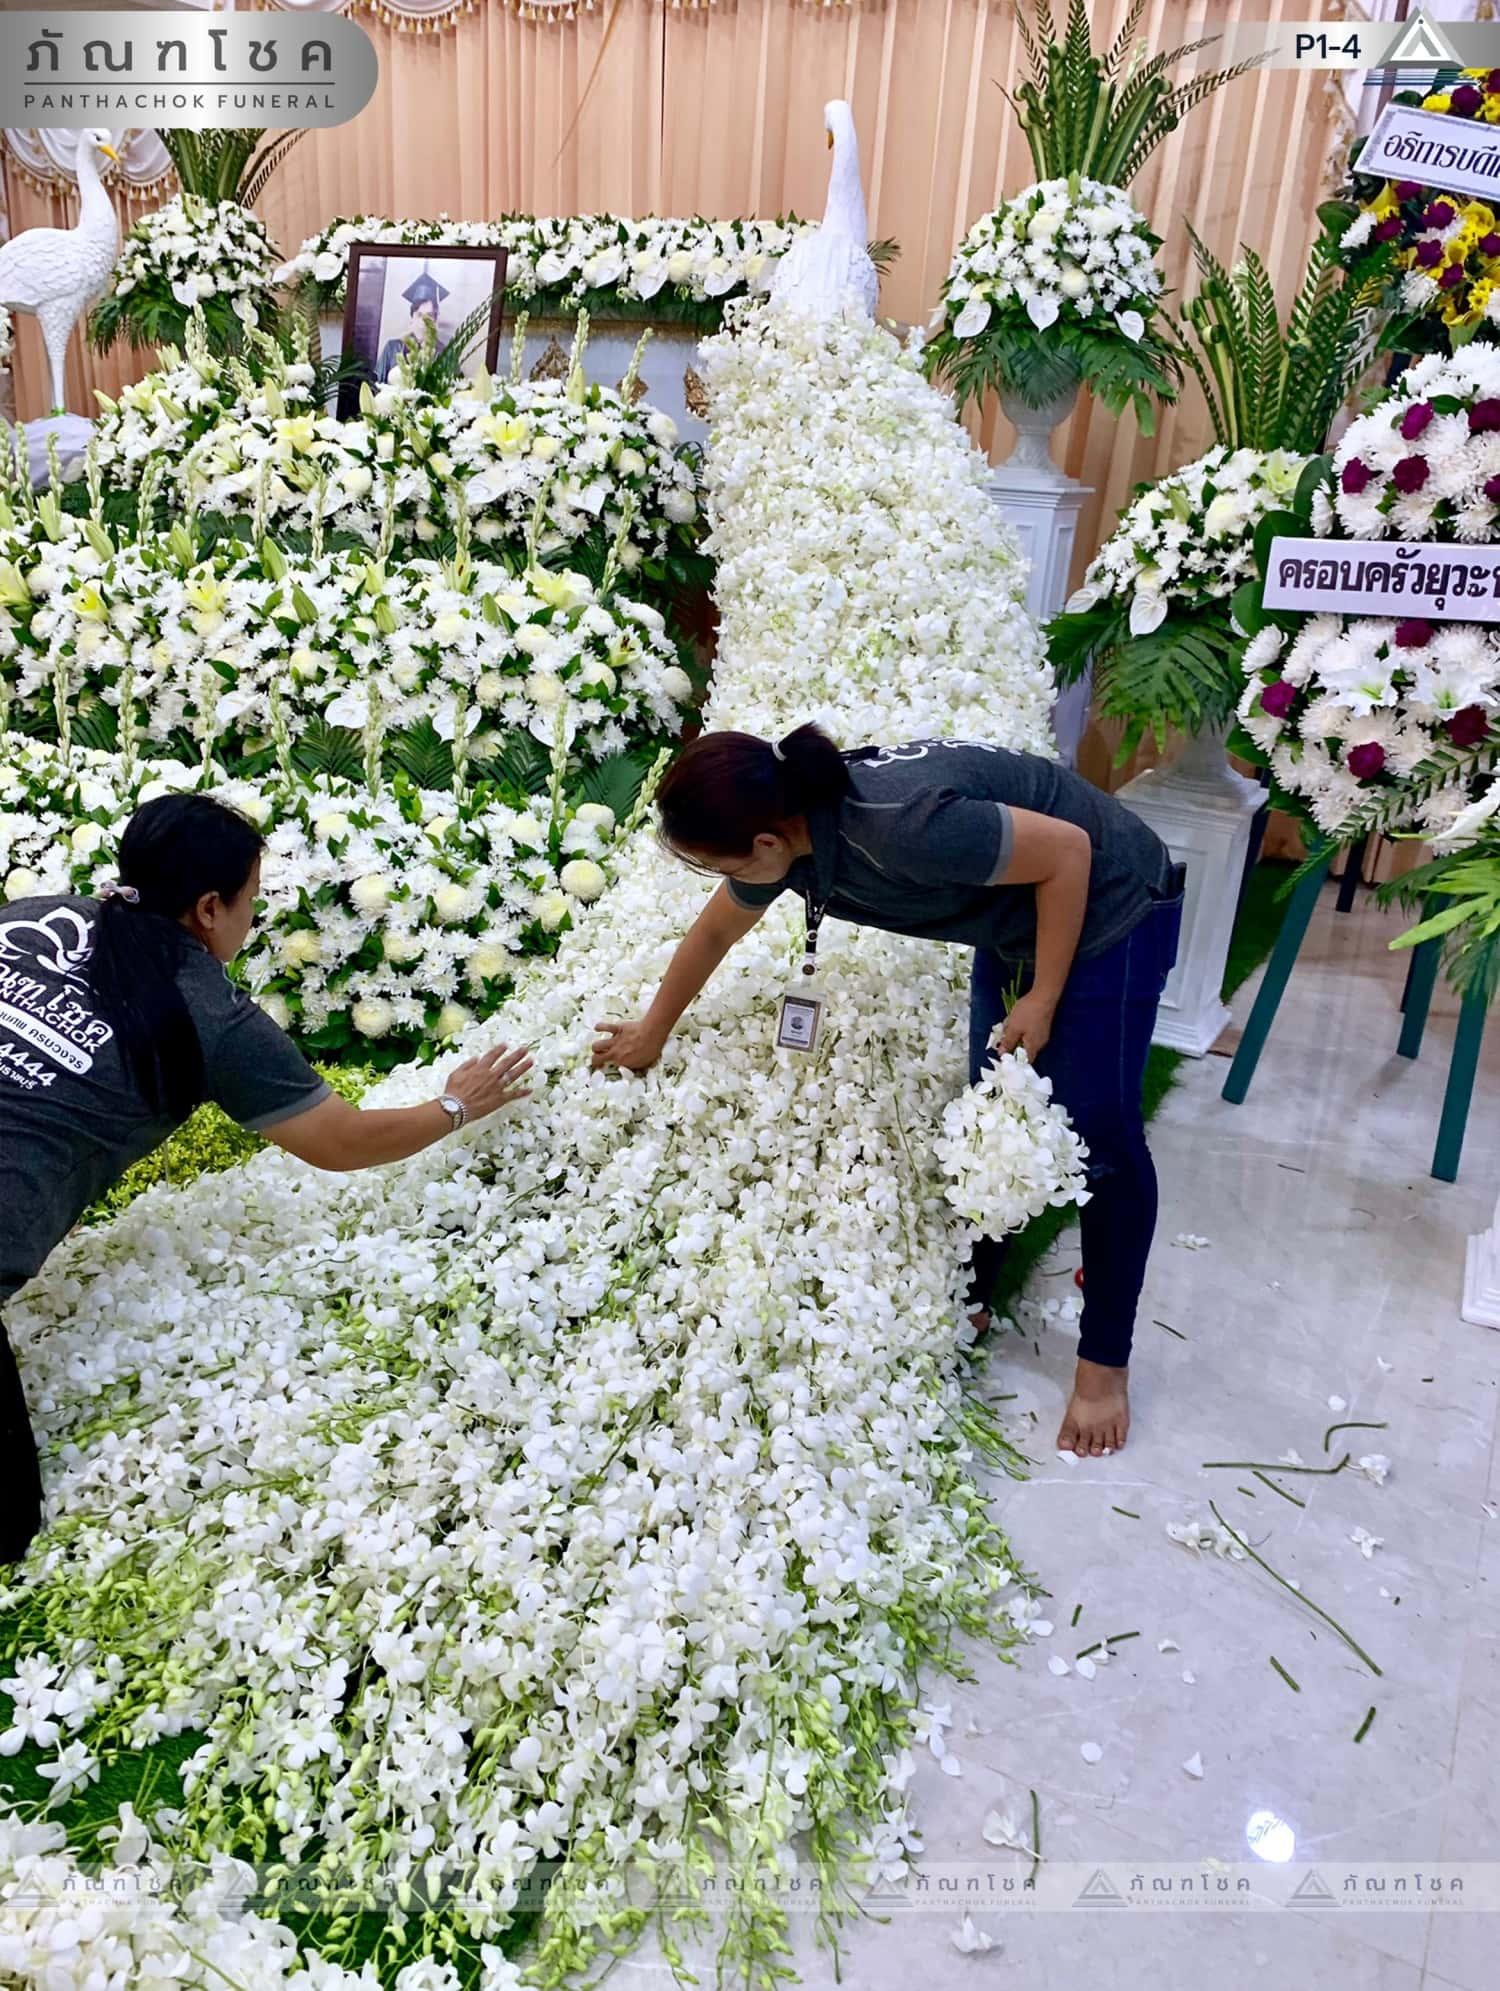 ดอกไม้หน้าศพ ชุด P1-4 81